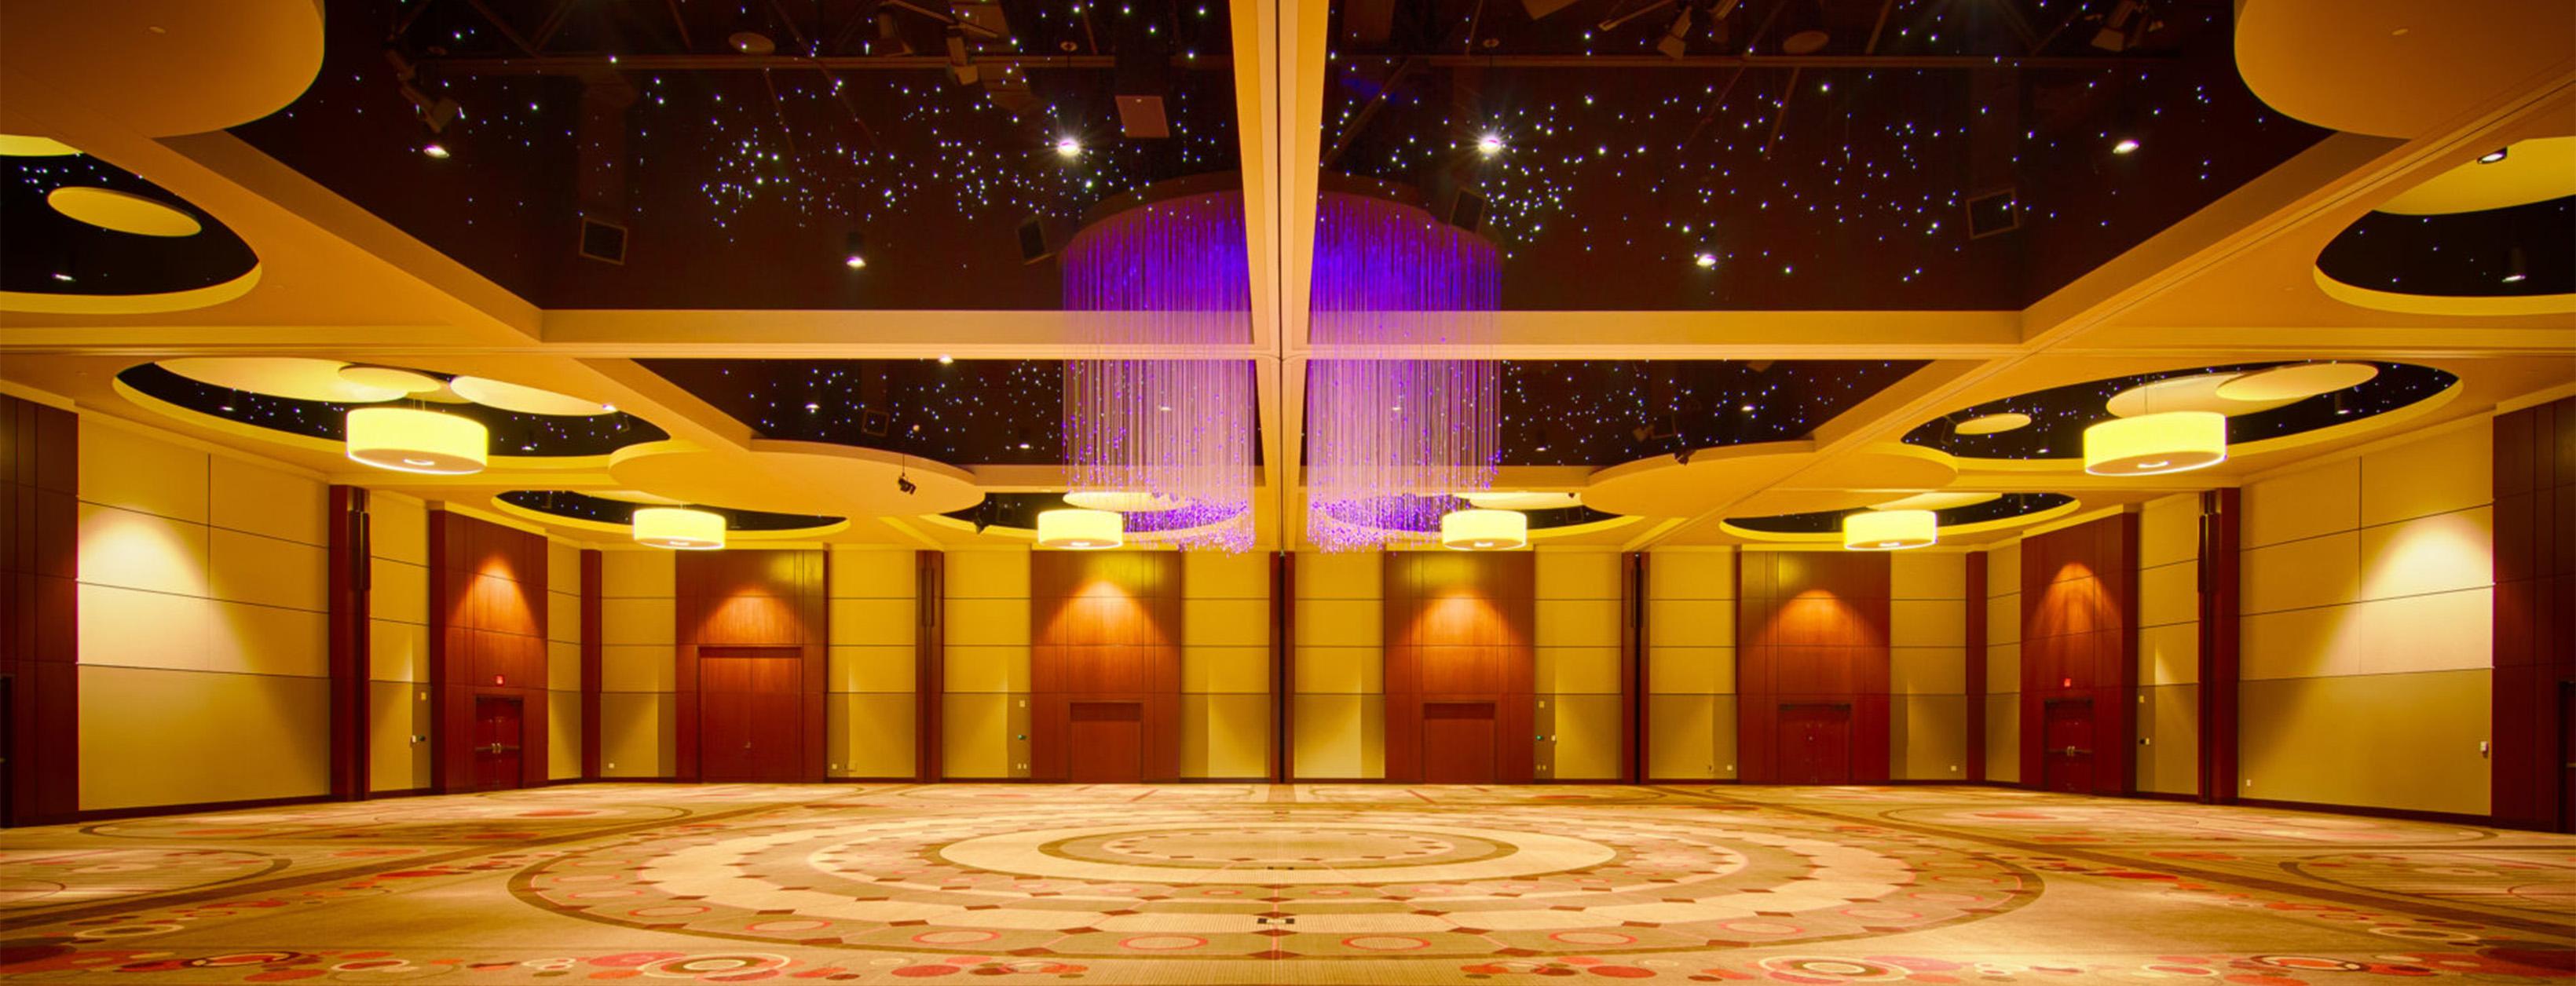 DFWAutismConferenceBallroomHurstCC